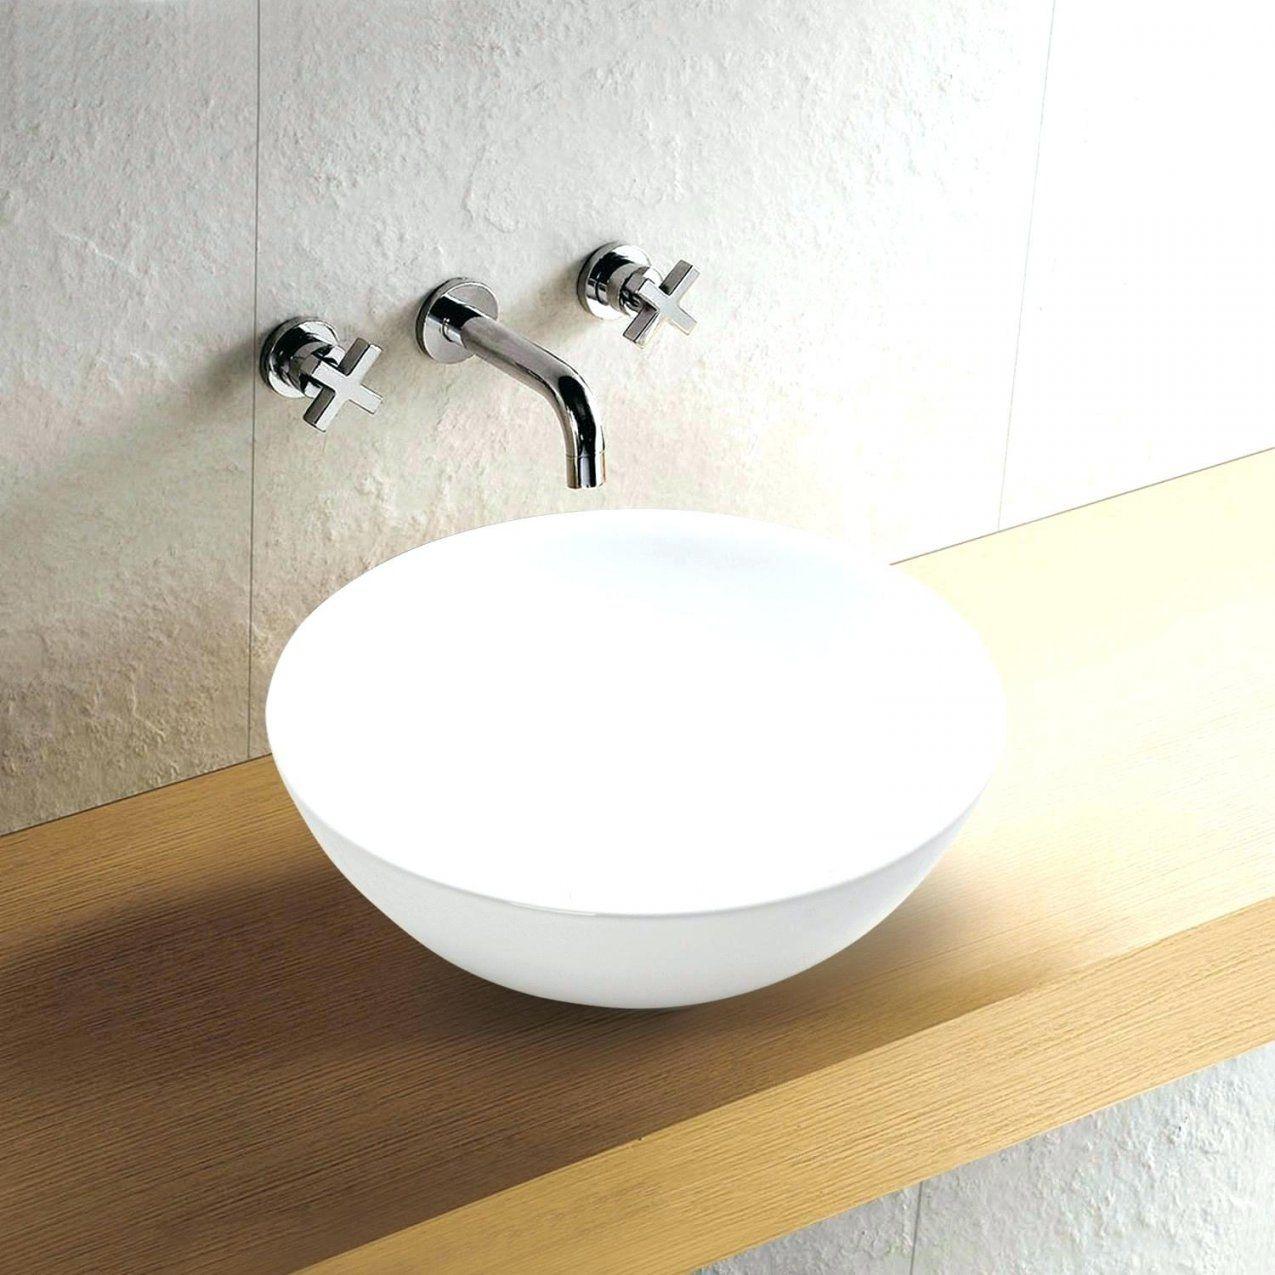 waschbecken rund 30 cm haus design ideen. Black Bedroom Furniture Sets. Home Design Ideas